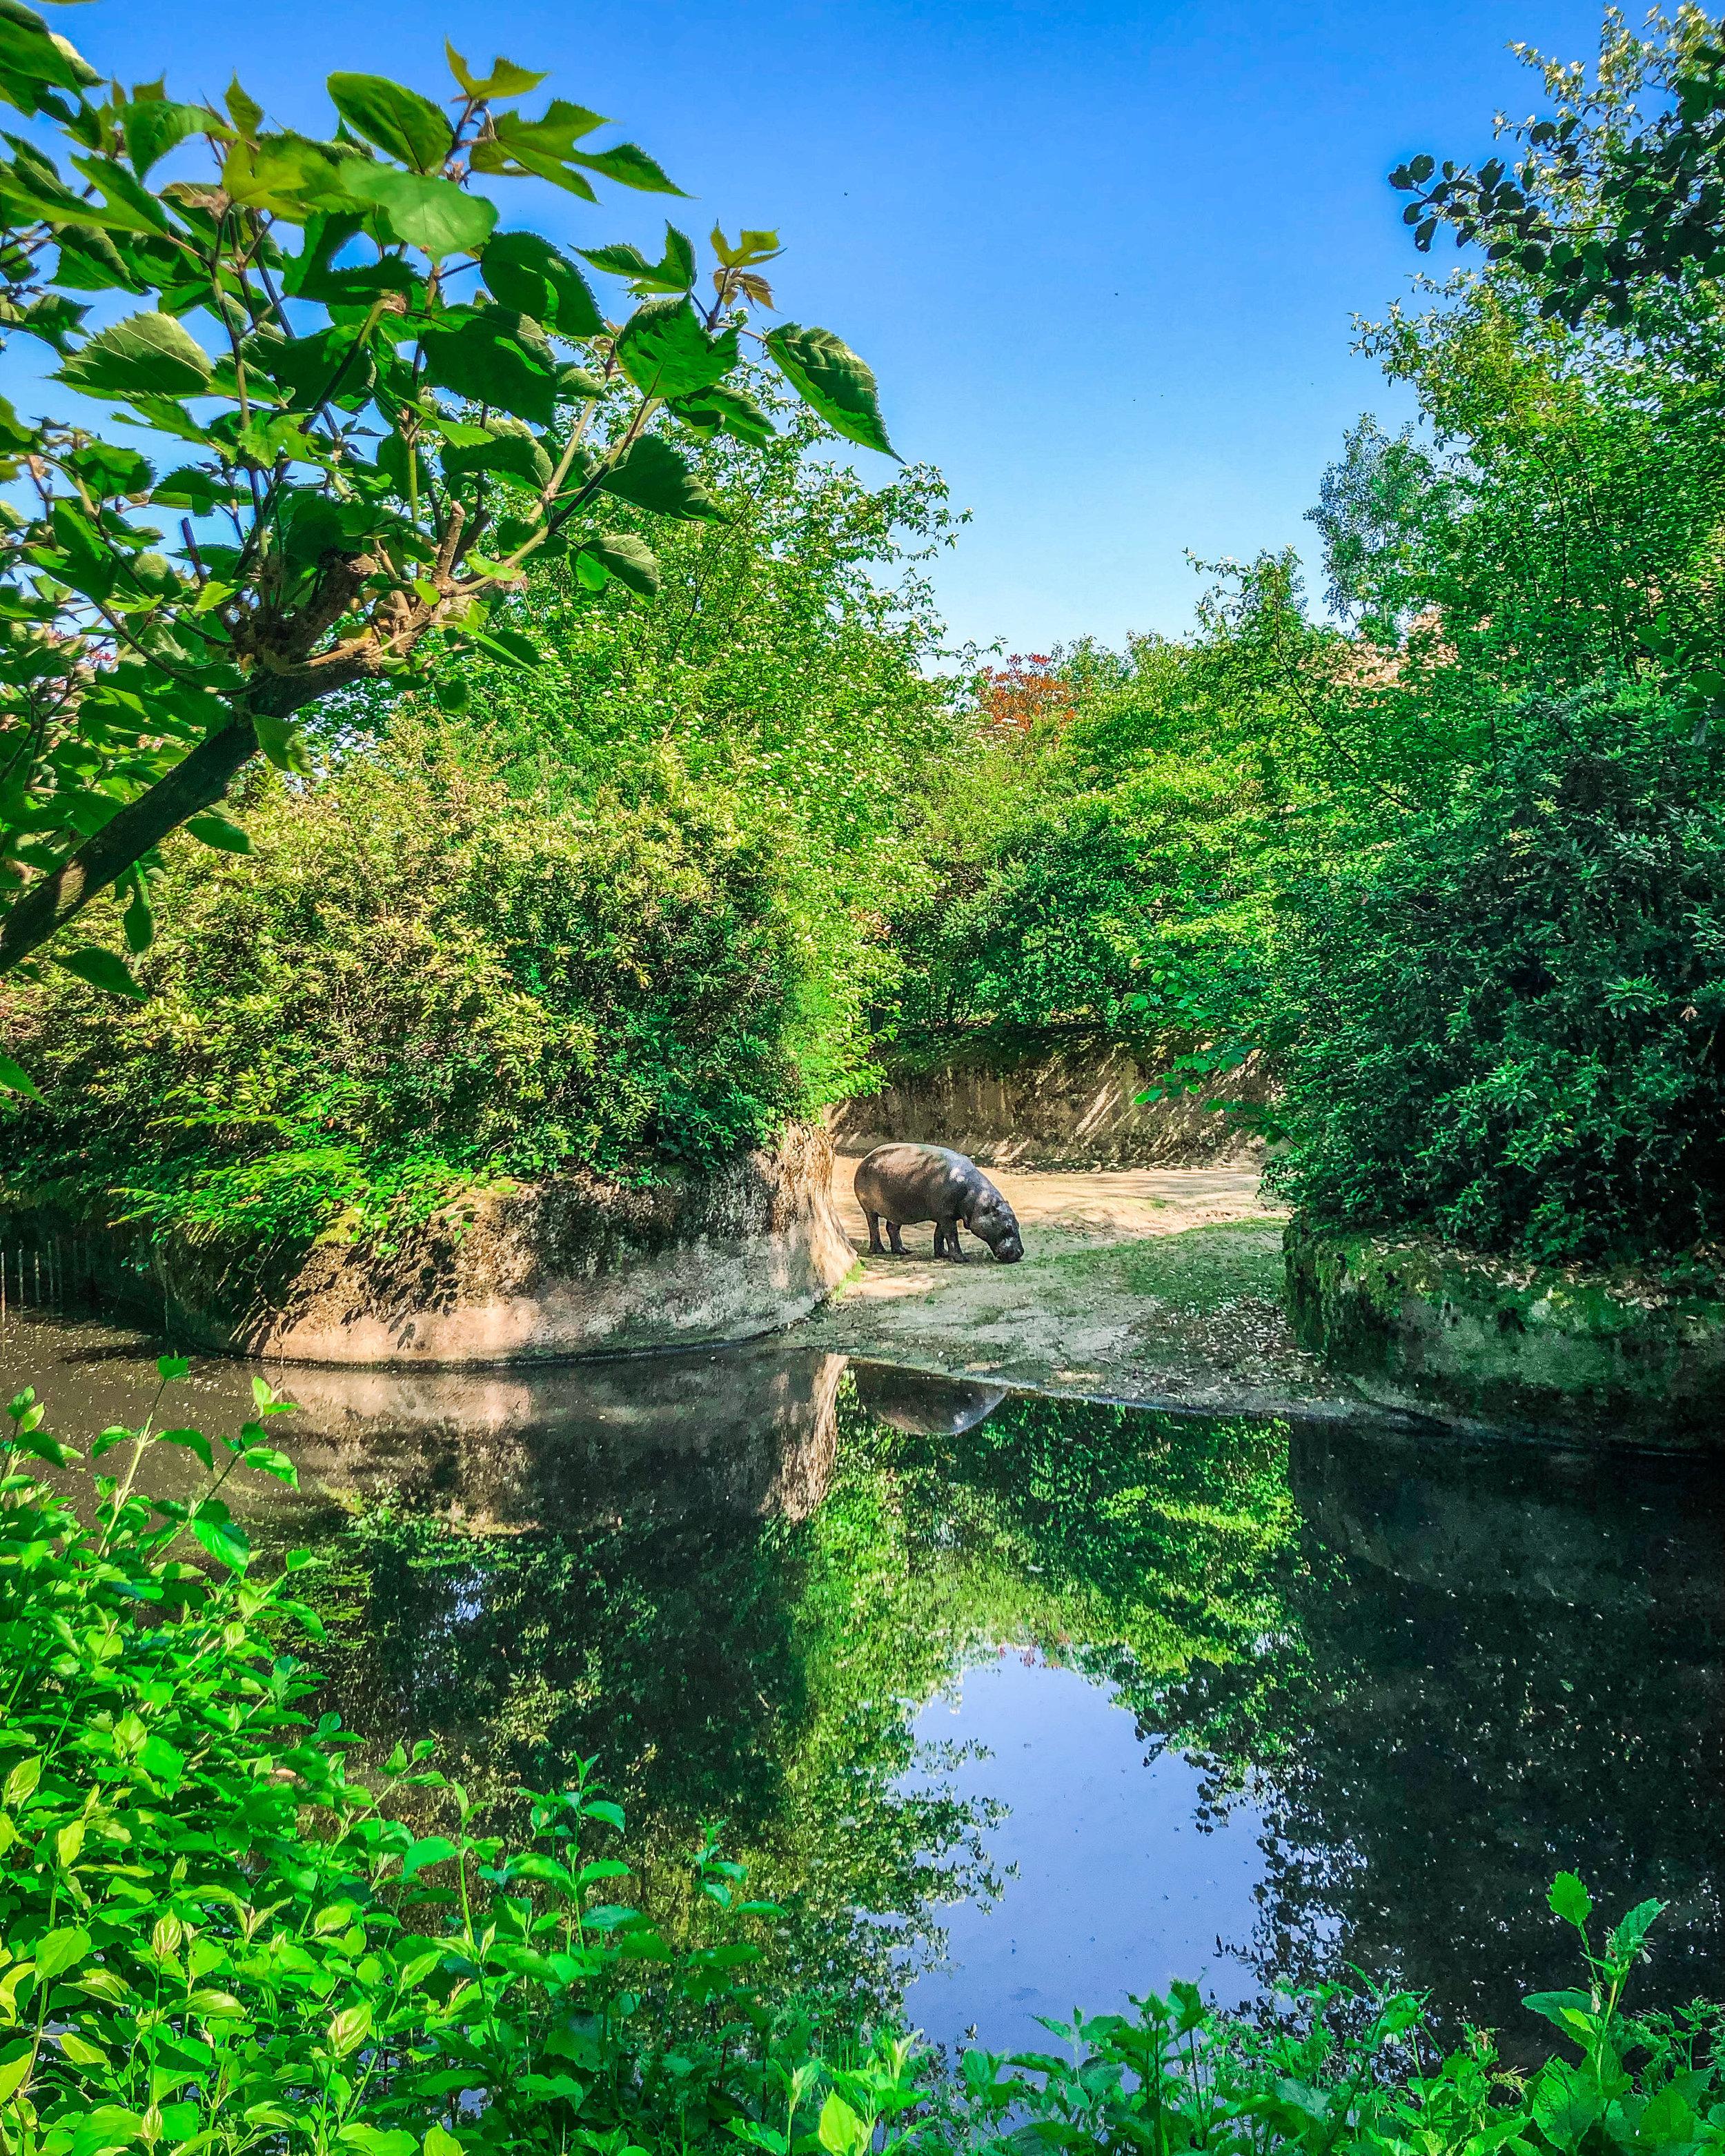 Limburglonkt - Kerkrade Gaiazoo - Mooie natuur - reizen met kinderen